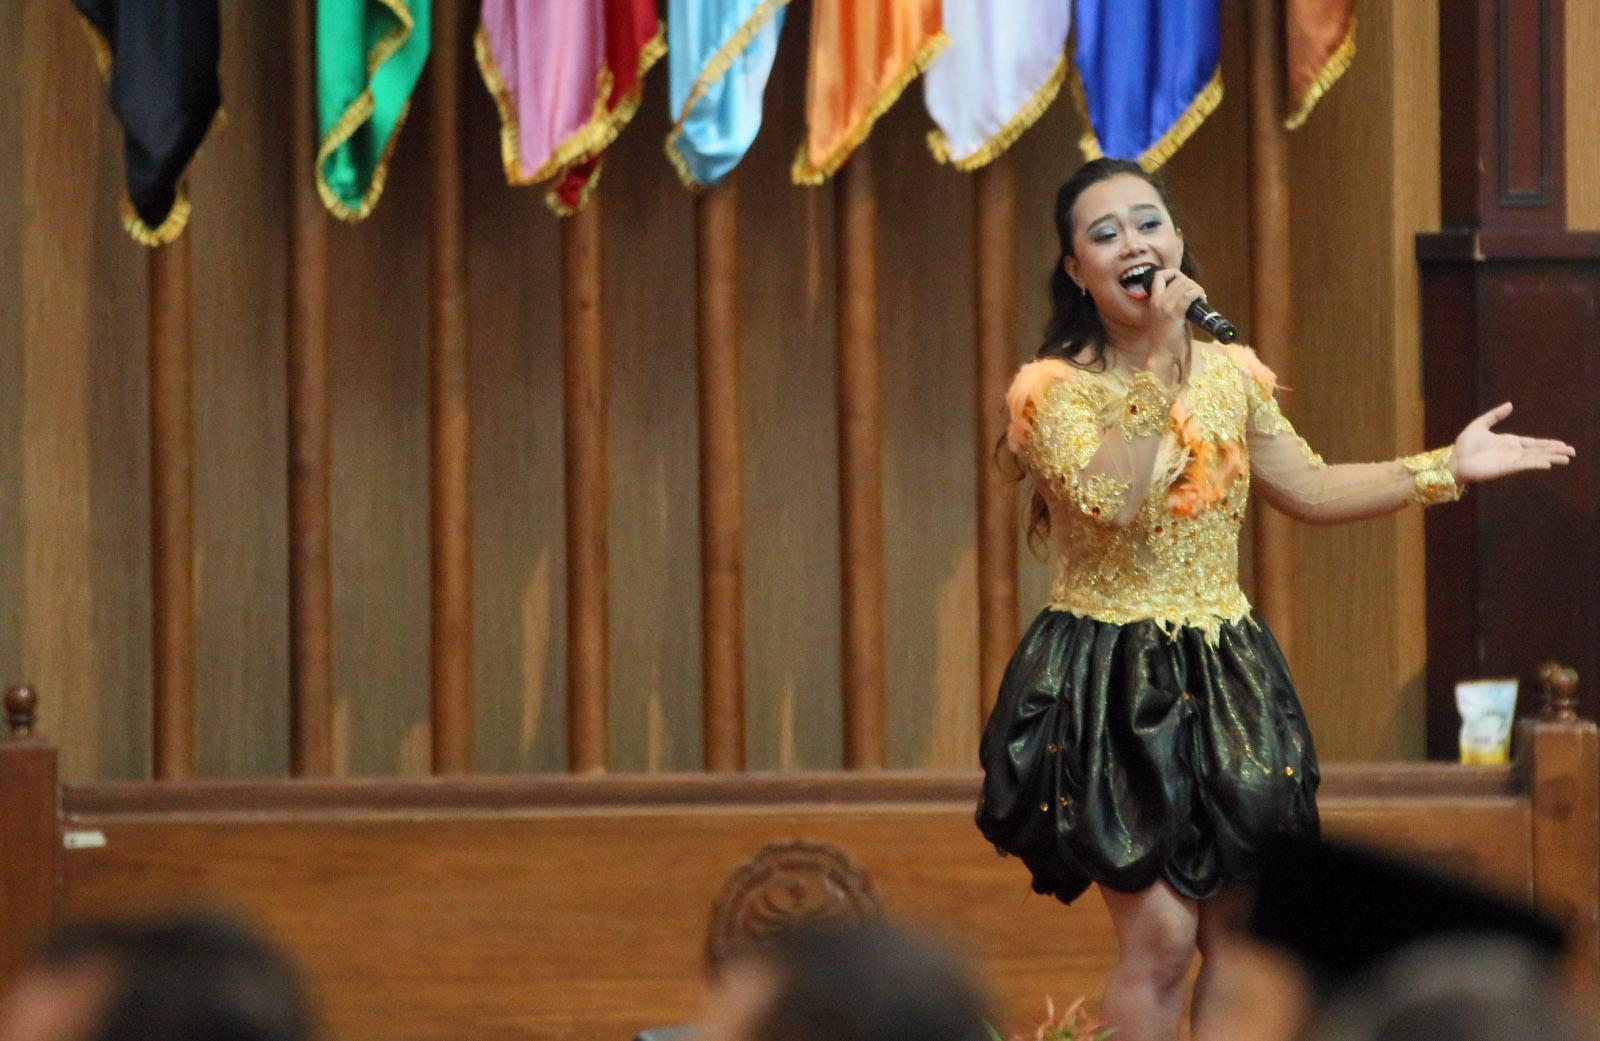 Lagu Ciptaan SBY Menggema di Auditorium Unnes